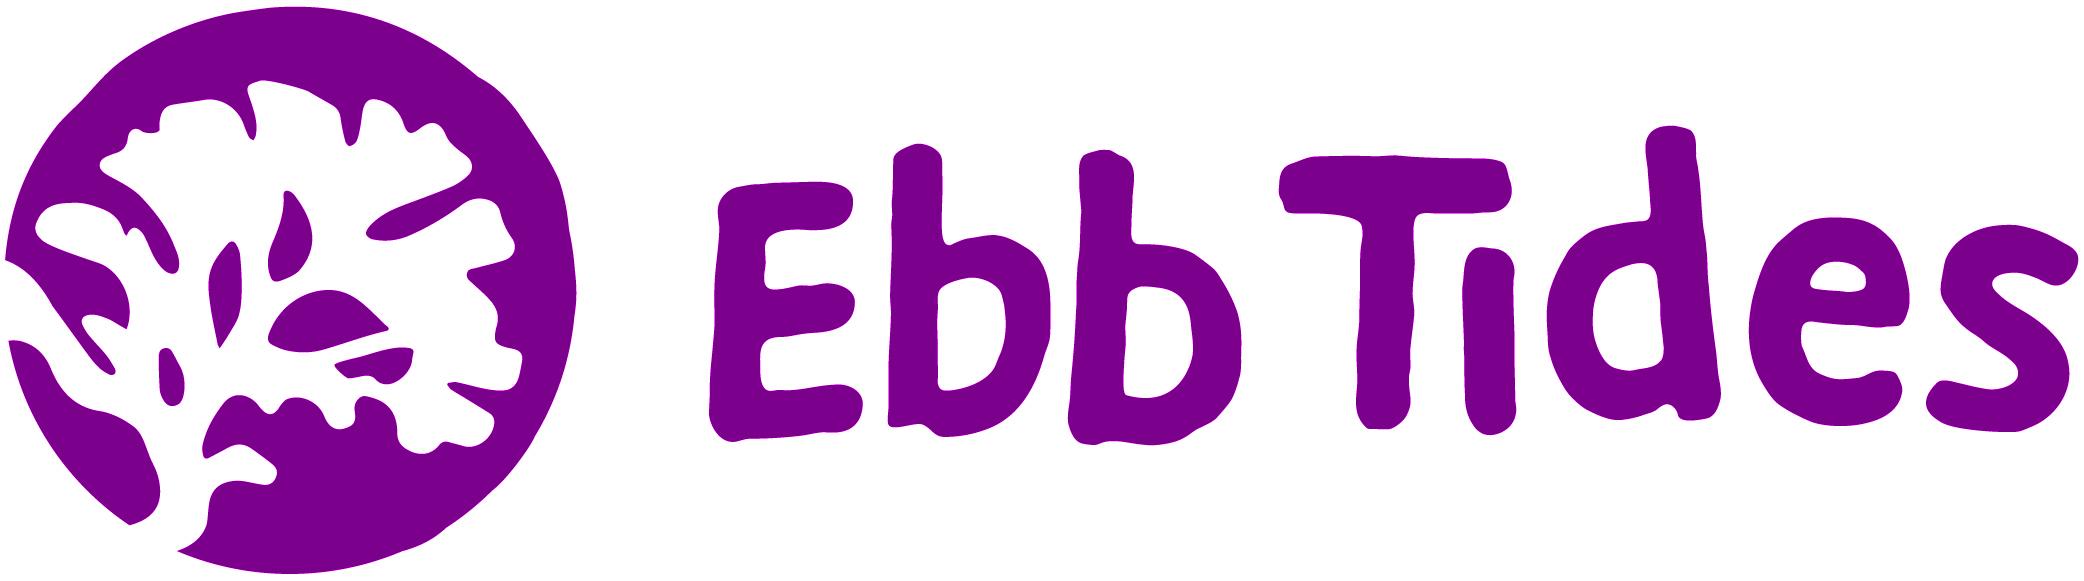 Ebbtides